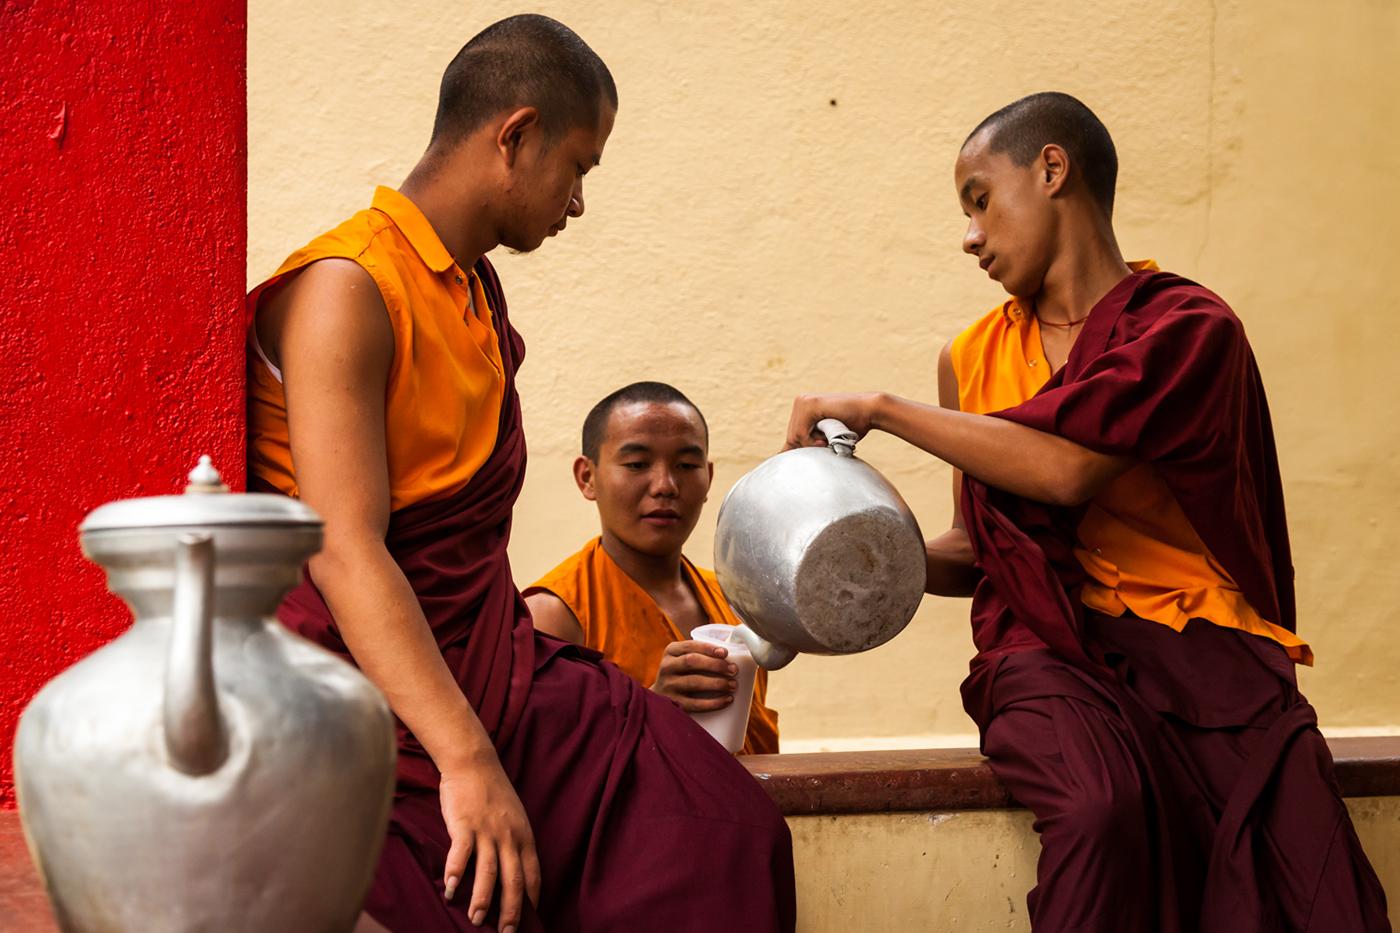 Buddhist Monks at The Namdroling Nyingmapa Monastery, Bylakuppe, Karnataka, India